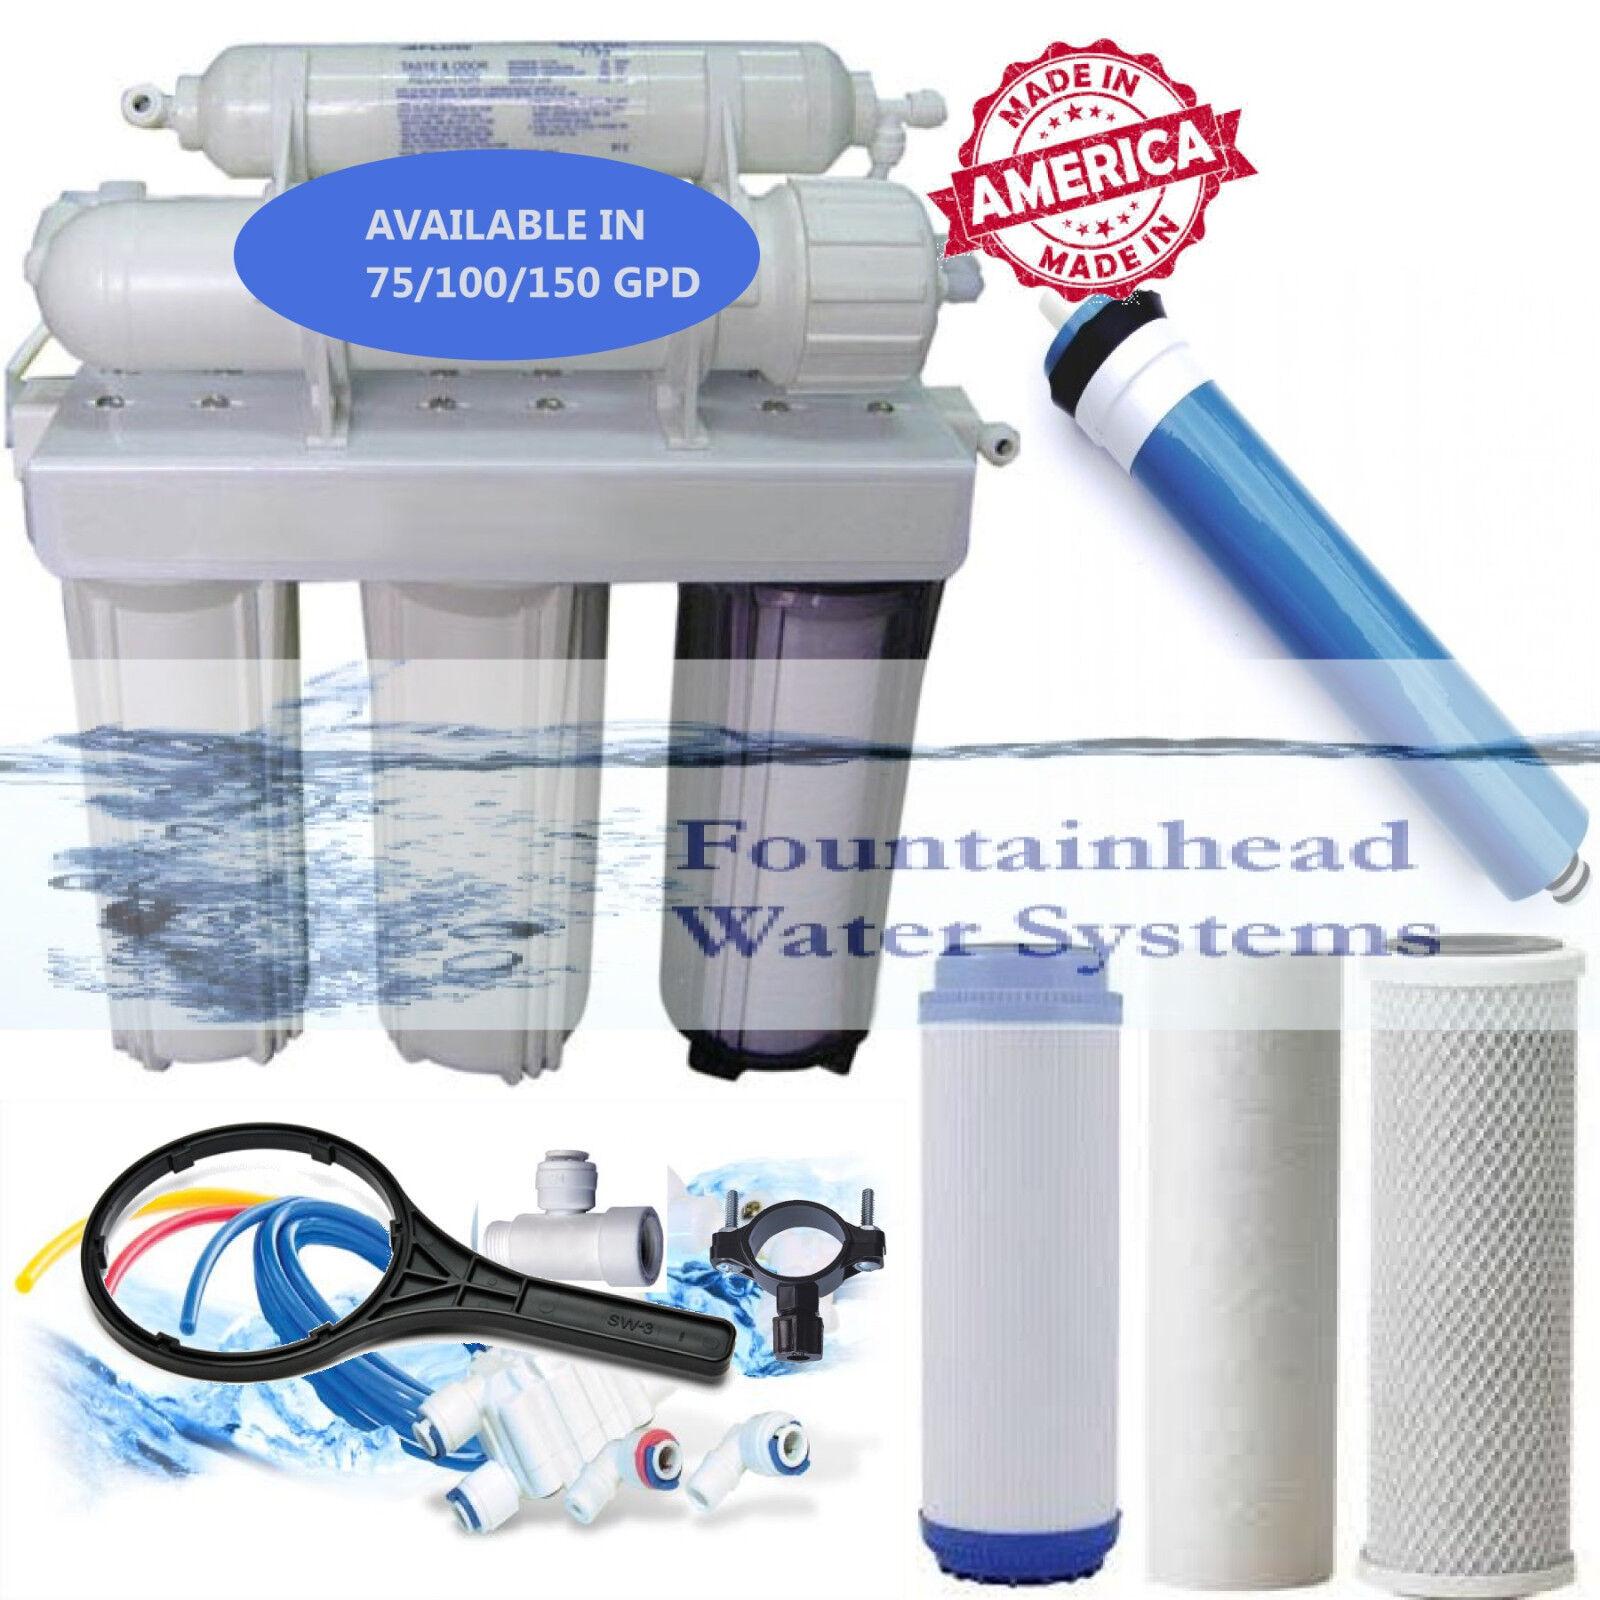 Fountainhead osmose inverse filtre à eau Core System 100 Gotham Police Department. Made in the U.S.A